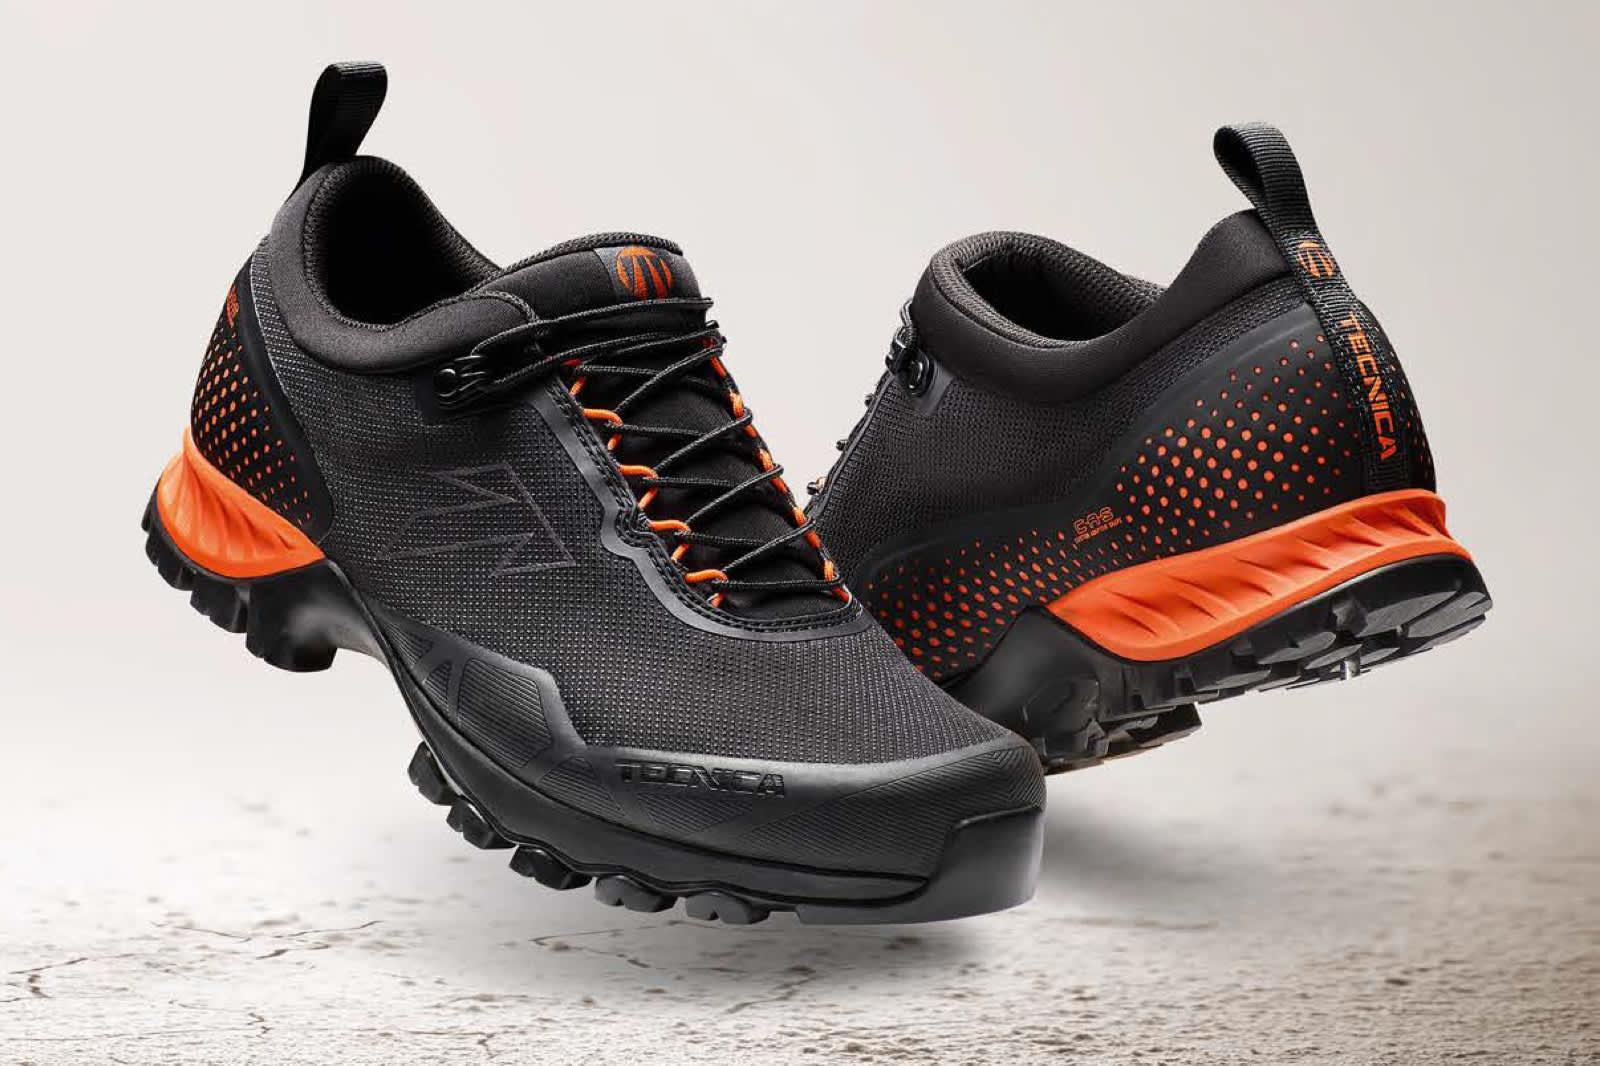 tecnica cas upper on plasma shoes